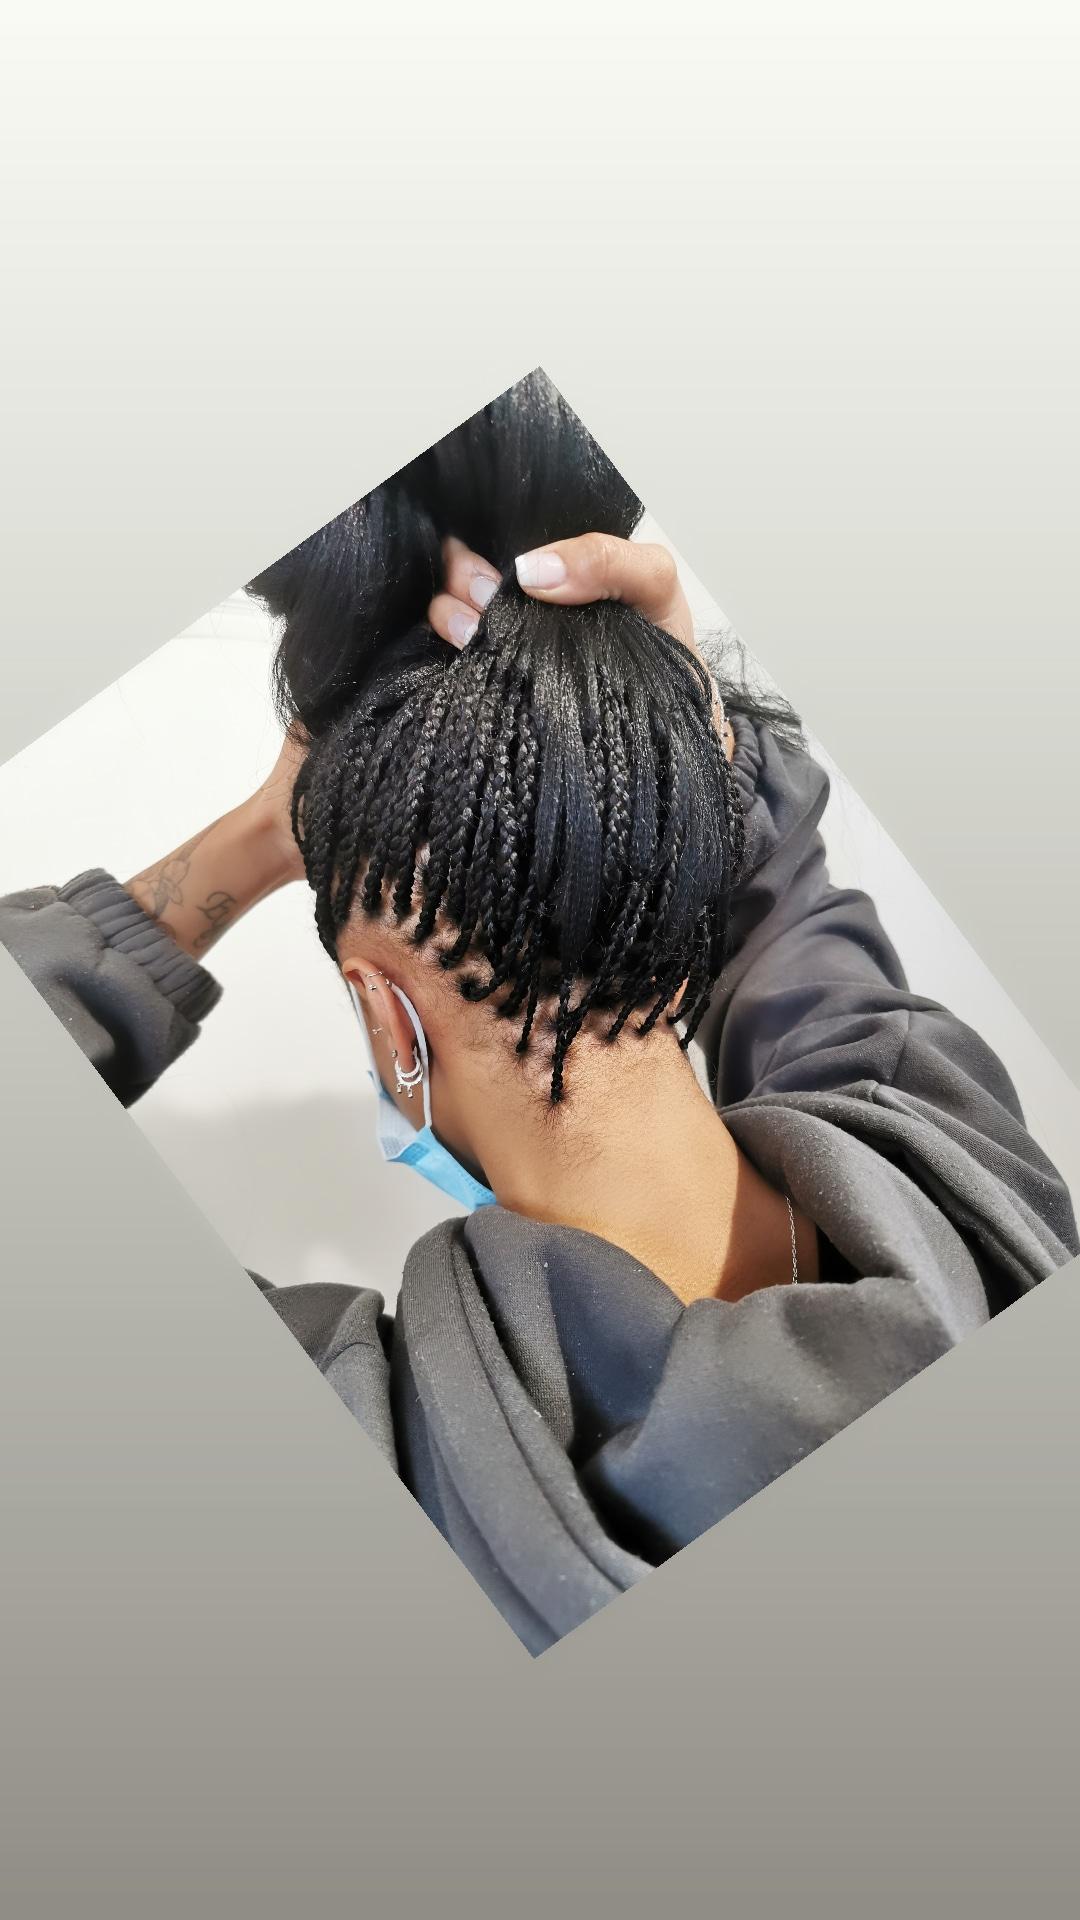 salon de coiffure afro tresse tresses box braids crochet braids vanilles tissages paris 75 77 78 91 92 93 94 95 AZUJSBLM